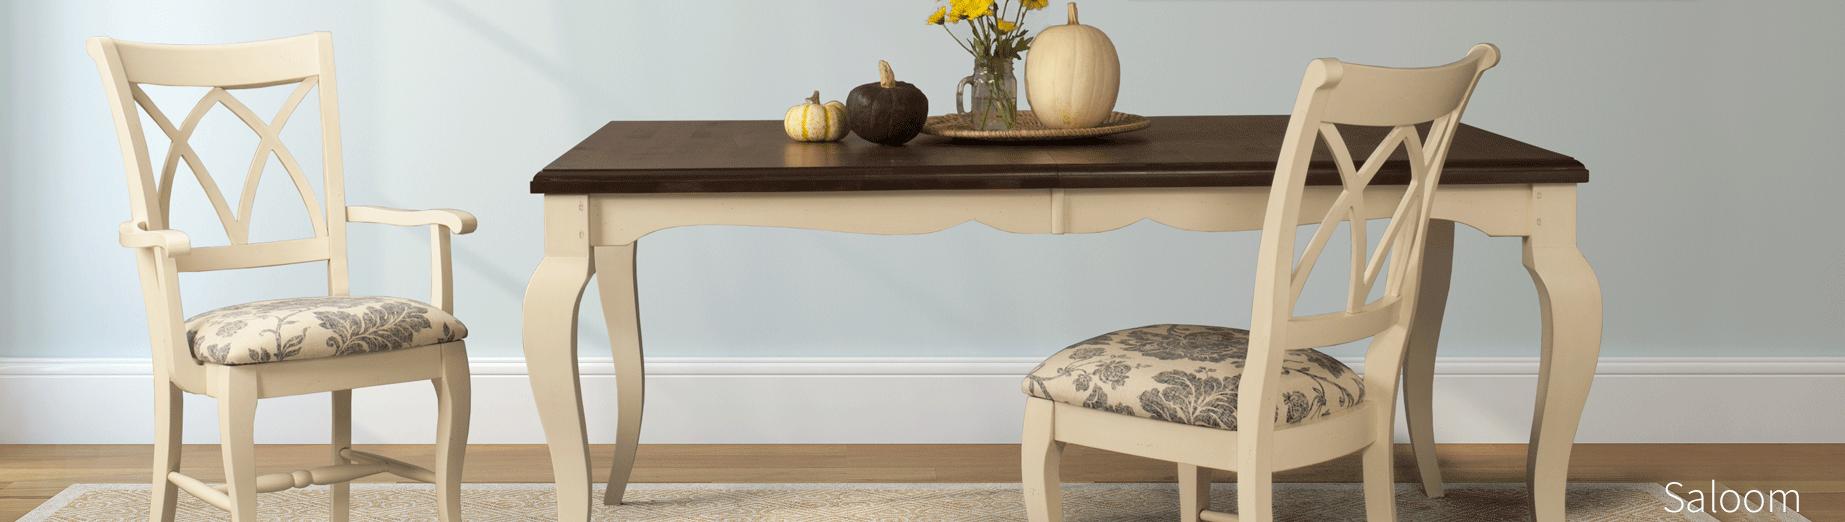 Saloom dining room furniture